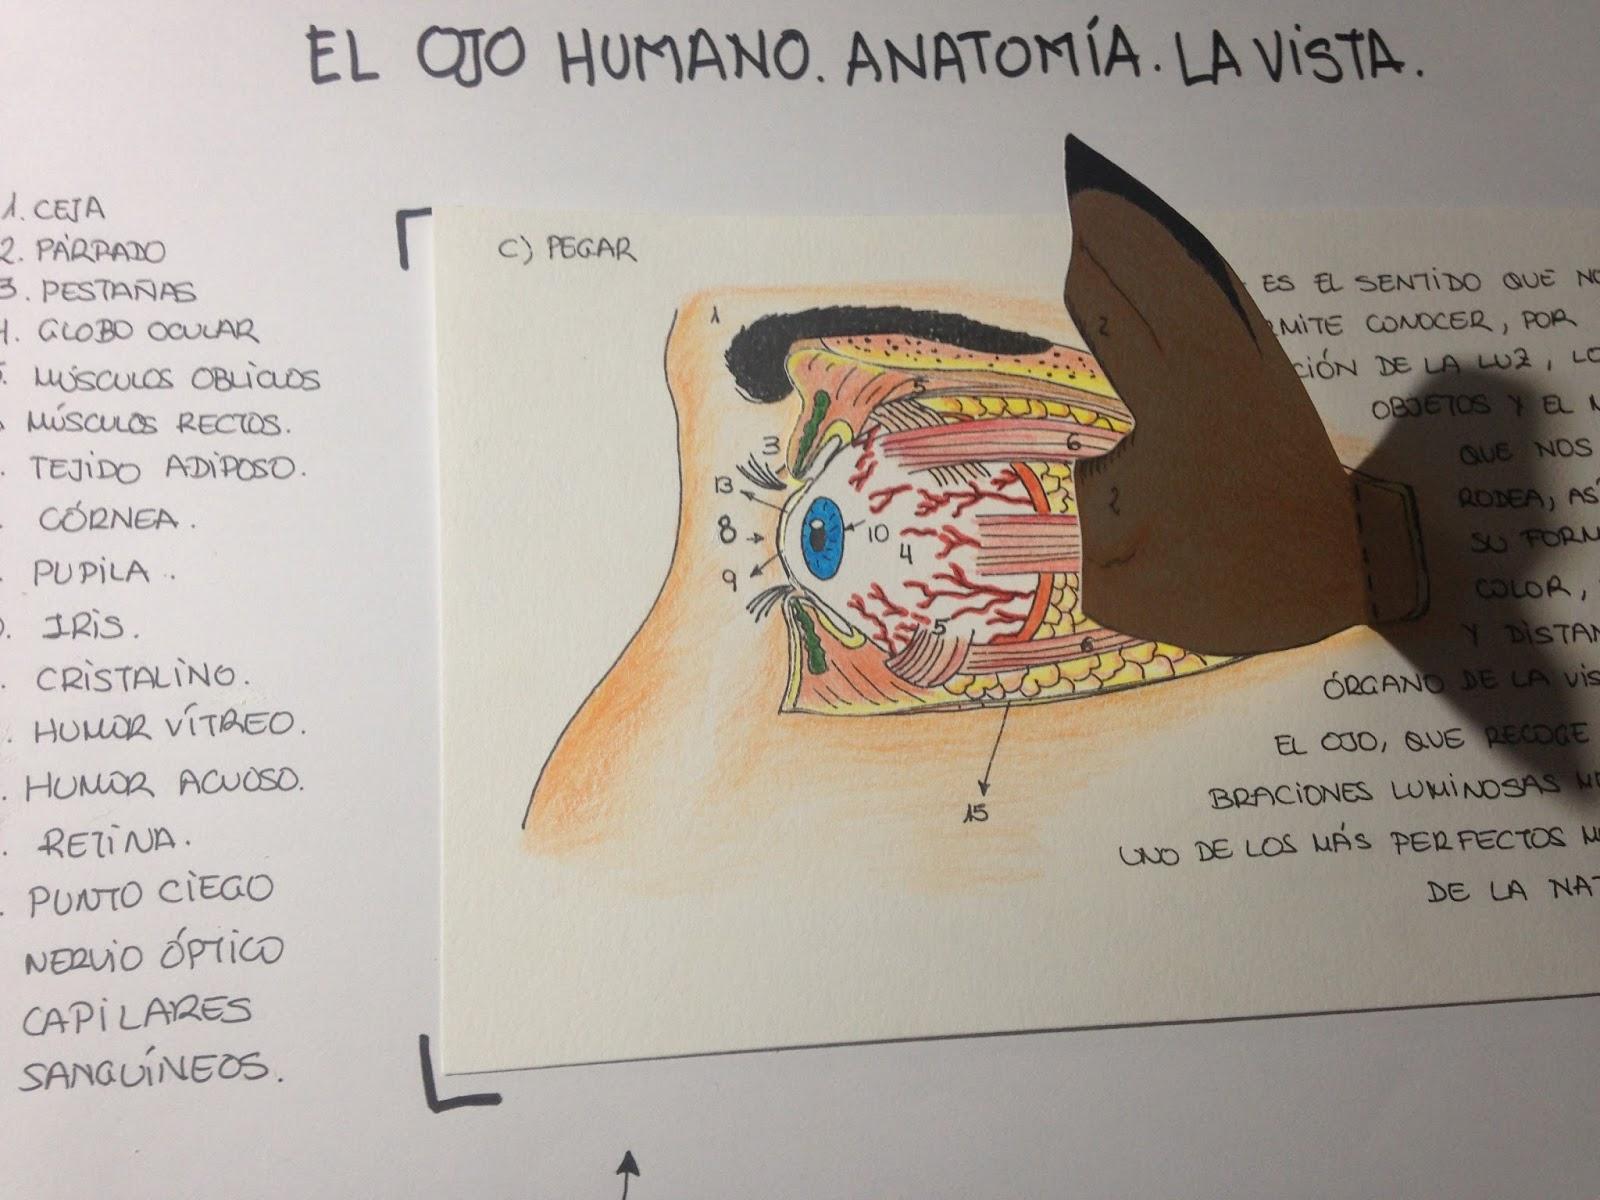 Excelente La Hoja De Ojo Y La Visión Anatomía Viñeta - Imágenes de ...